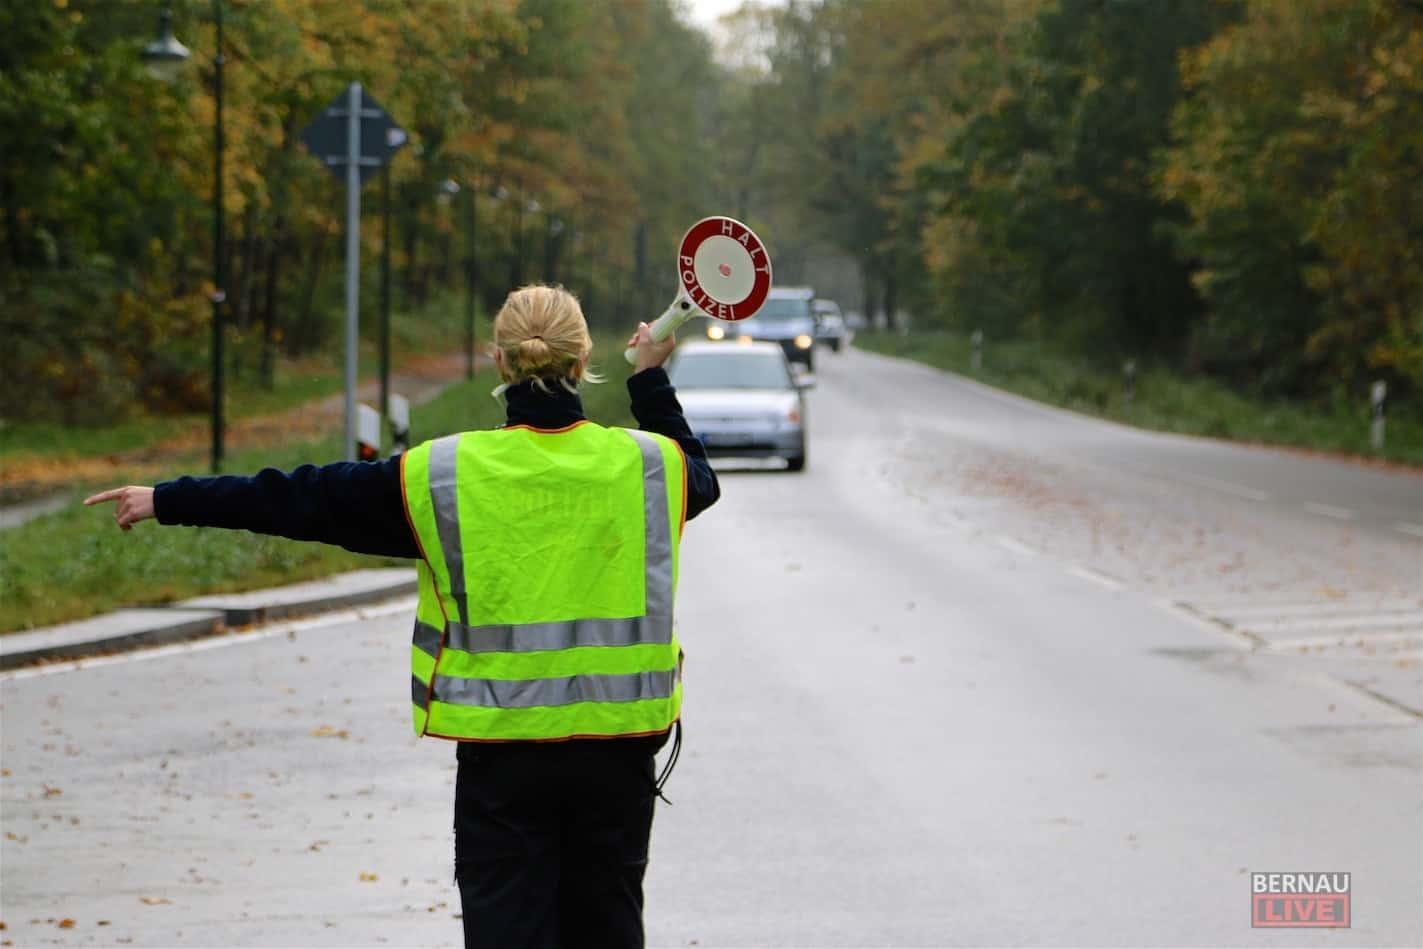 Großflächige (Schwerpunkt) Verkehrskontrollen in Bernau und Barnim